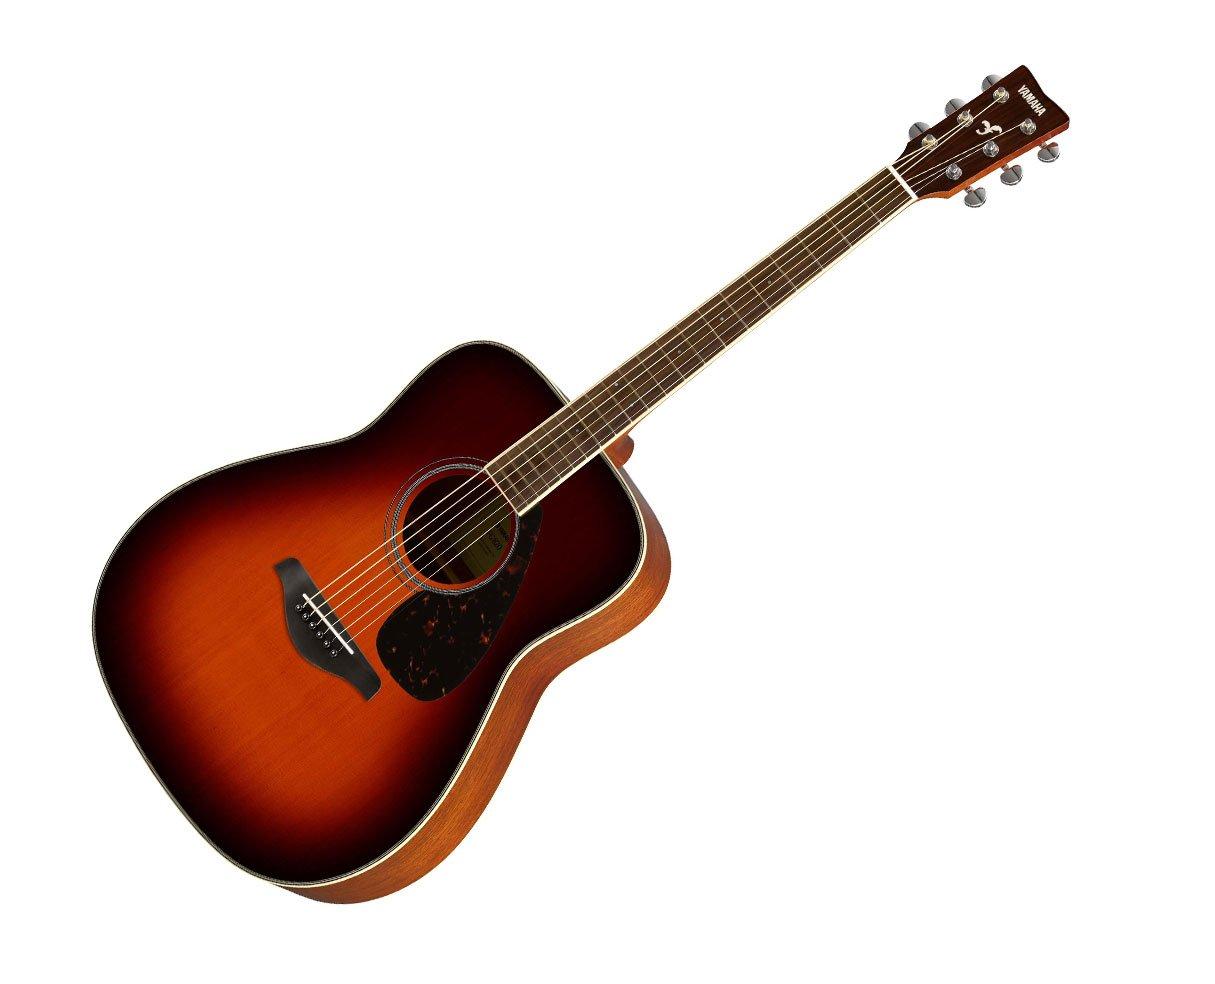 ヤマハ ギター 初心者 セット アコースティックギター FG820BS ブラウンサンバースト 入門13点セット チューナー付 B01BOEGI3S